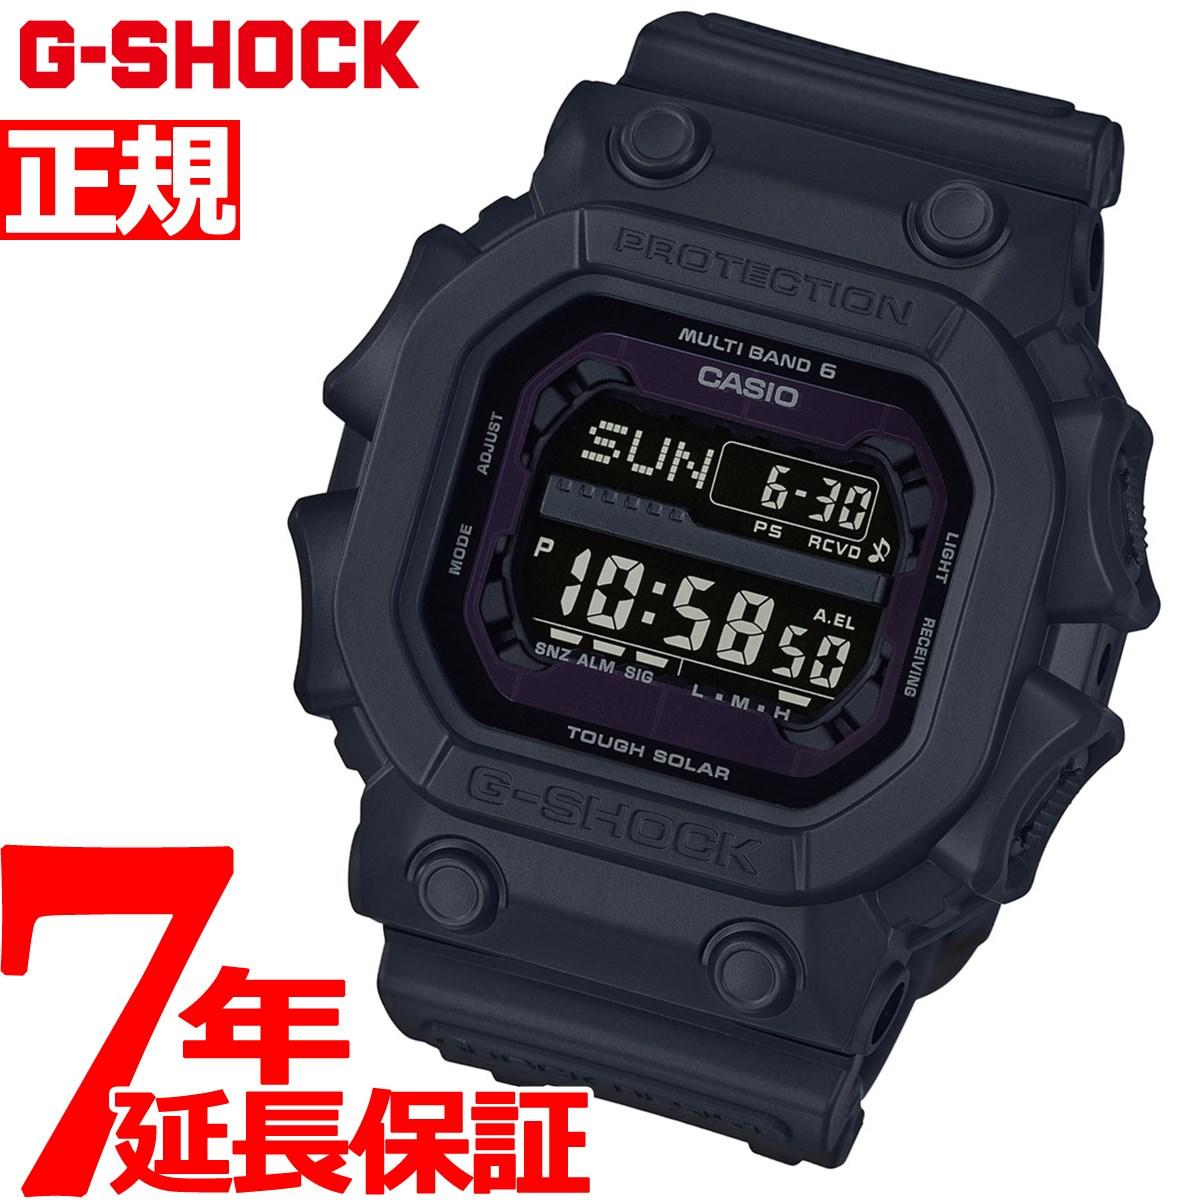 【5日0時~♪2000円OFFクーポン&店内ポイント最大51倍!5日23時59分まで】G-SHOCK 電波 ソーラー 電波時計 ブラック タフソーラー 腕時計 メンズ デジタル GXW-56BB-1JF